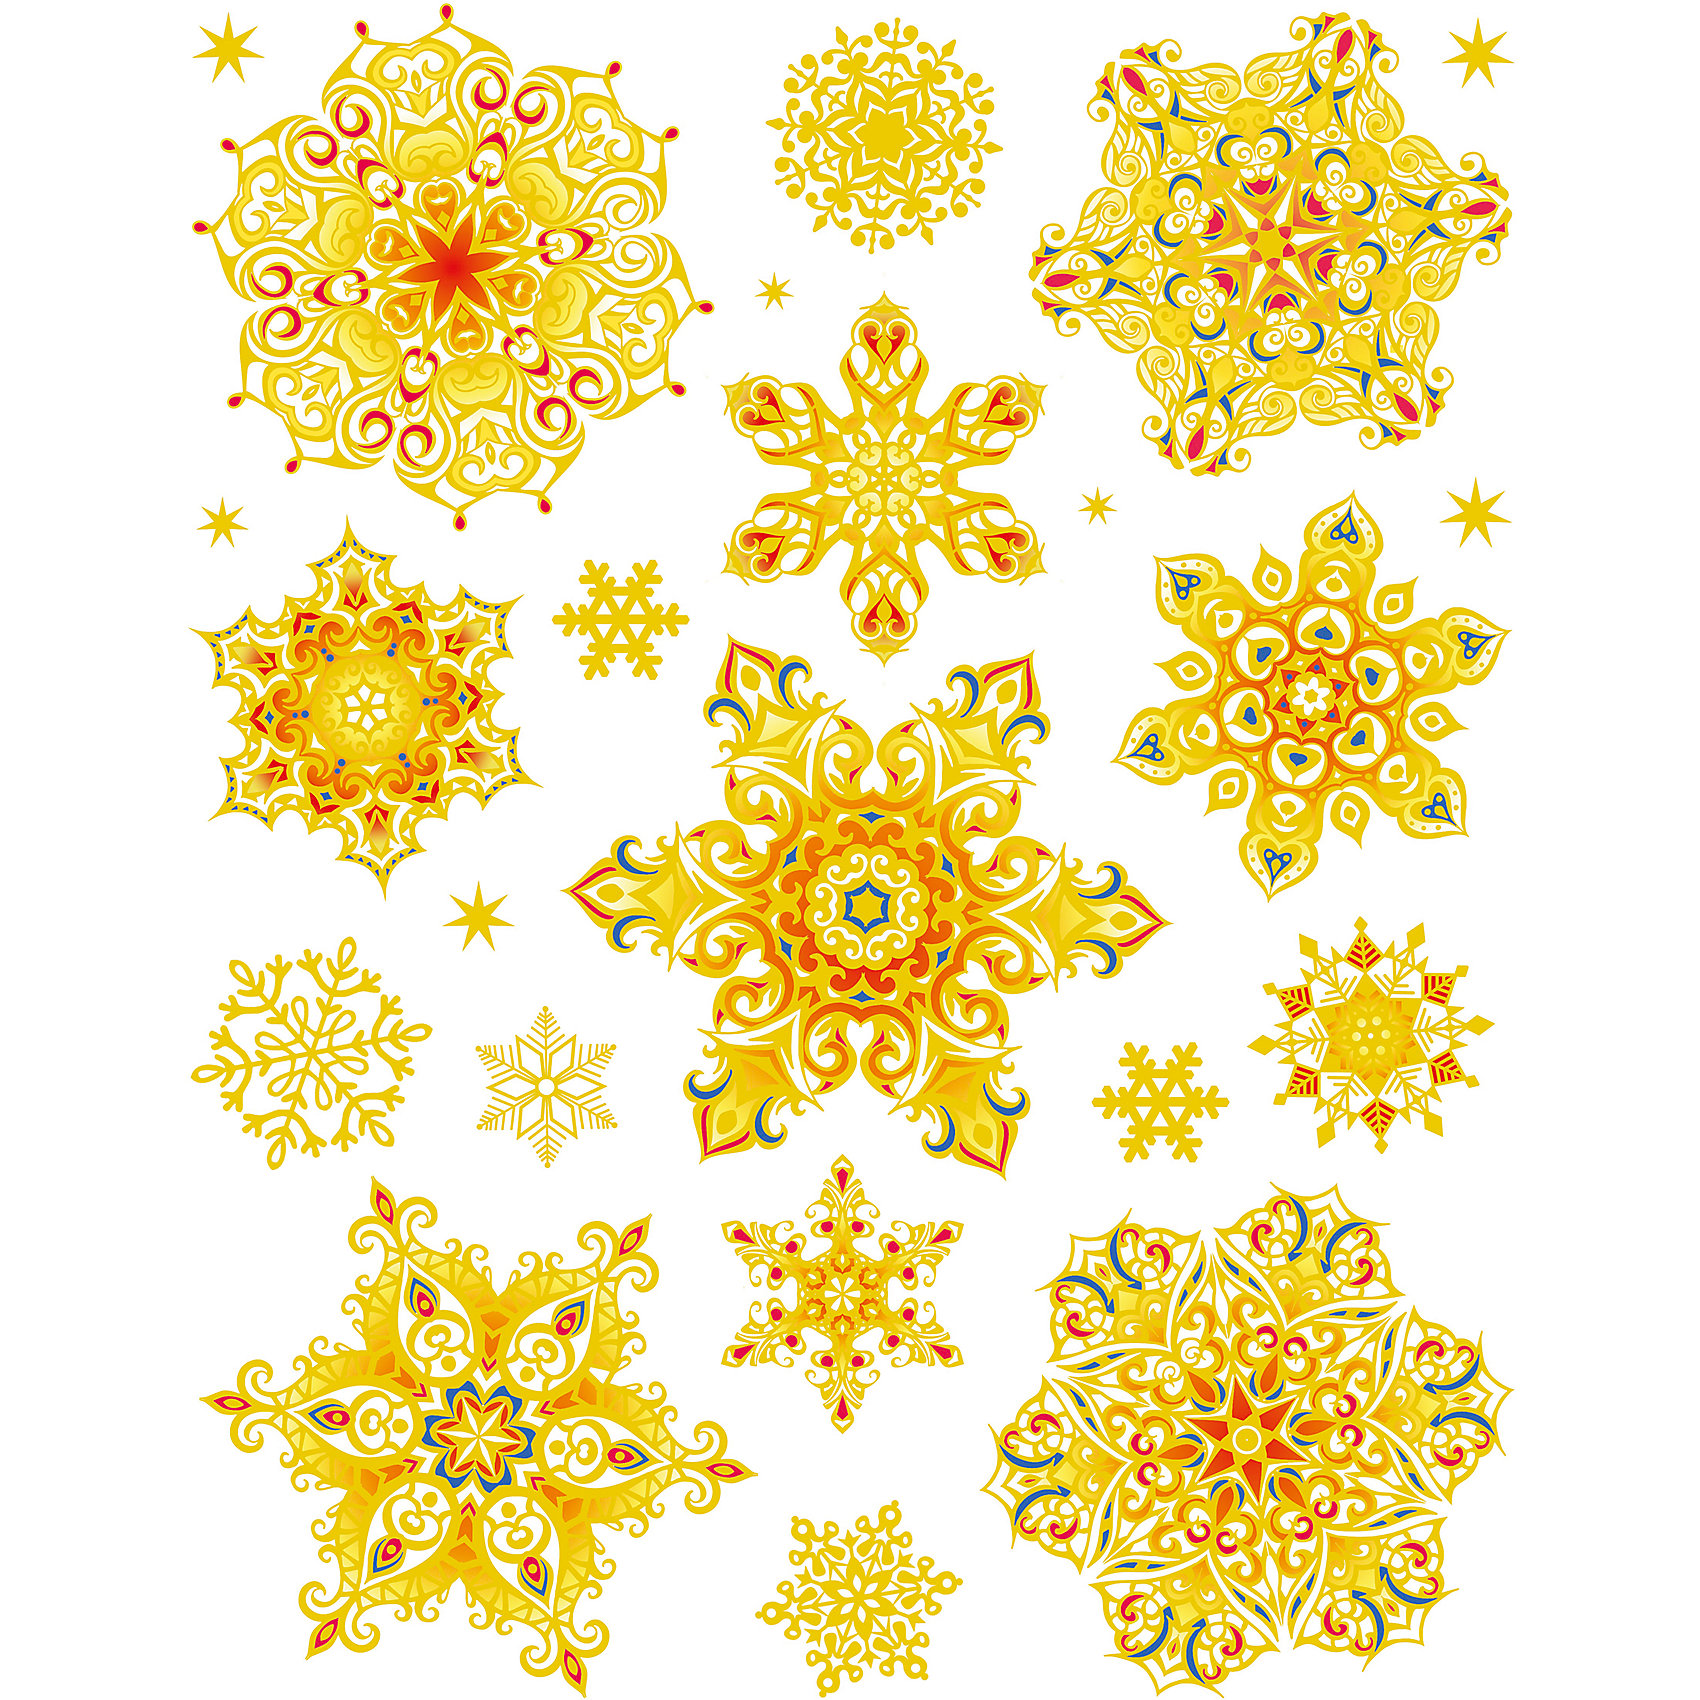 Новогодняя наклейка из ПВХ, 30х38см, Золотые снежинкиНаклейка новогодняя из ПВХ на статике 30х38см Золотые снежинки раскрашенные арт.16204  Новогоднее оконное украшение, декорировано глиттером; крепится к гладкой поверхности стекла посредством статического эффекта, легко снимается, не оставляет следов. Украшение с успехом применяется для художественного оформления витрин, праздничного оформления помещений. Оно украсит интерьер вашего дома к праздникам.<br><br>Ширина мм: 420<br>Глубина мм: 300<br>Высота мм: 2<br>Вес г: 30<br>Возраст от месяцев: 72<br>Возраст до месяцев: 480<br>Пол: Унисекс<br>Возраст: Детский<br>SKU: 5051681